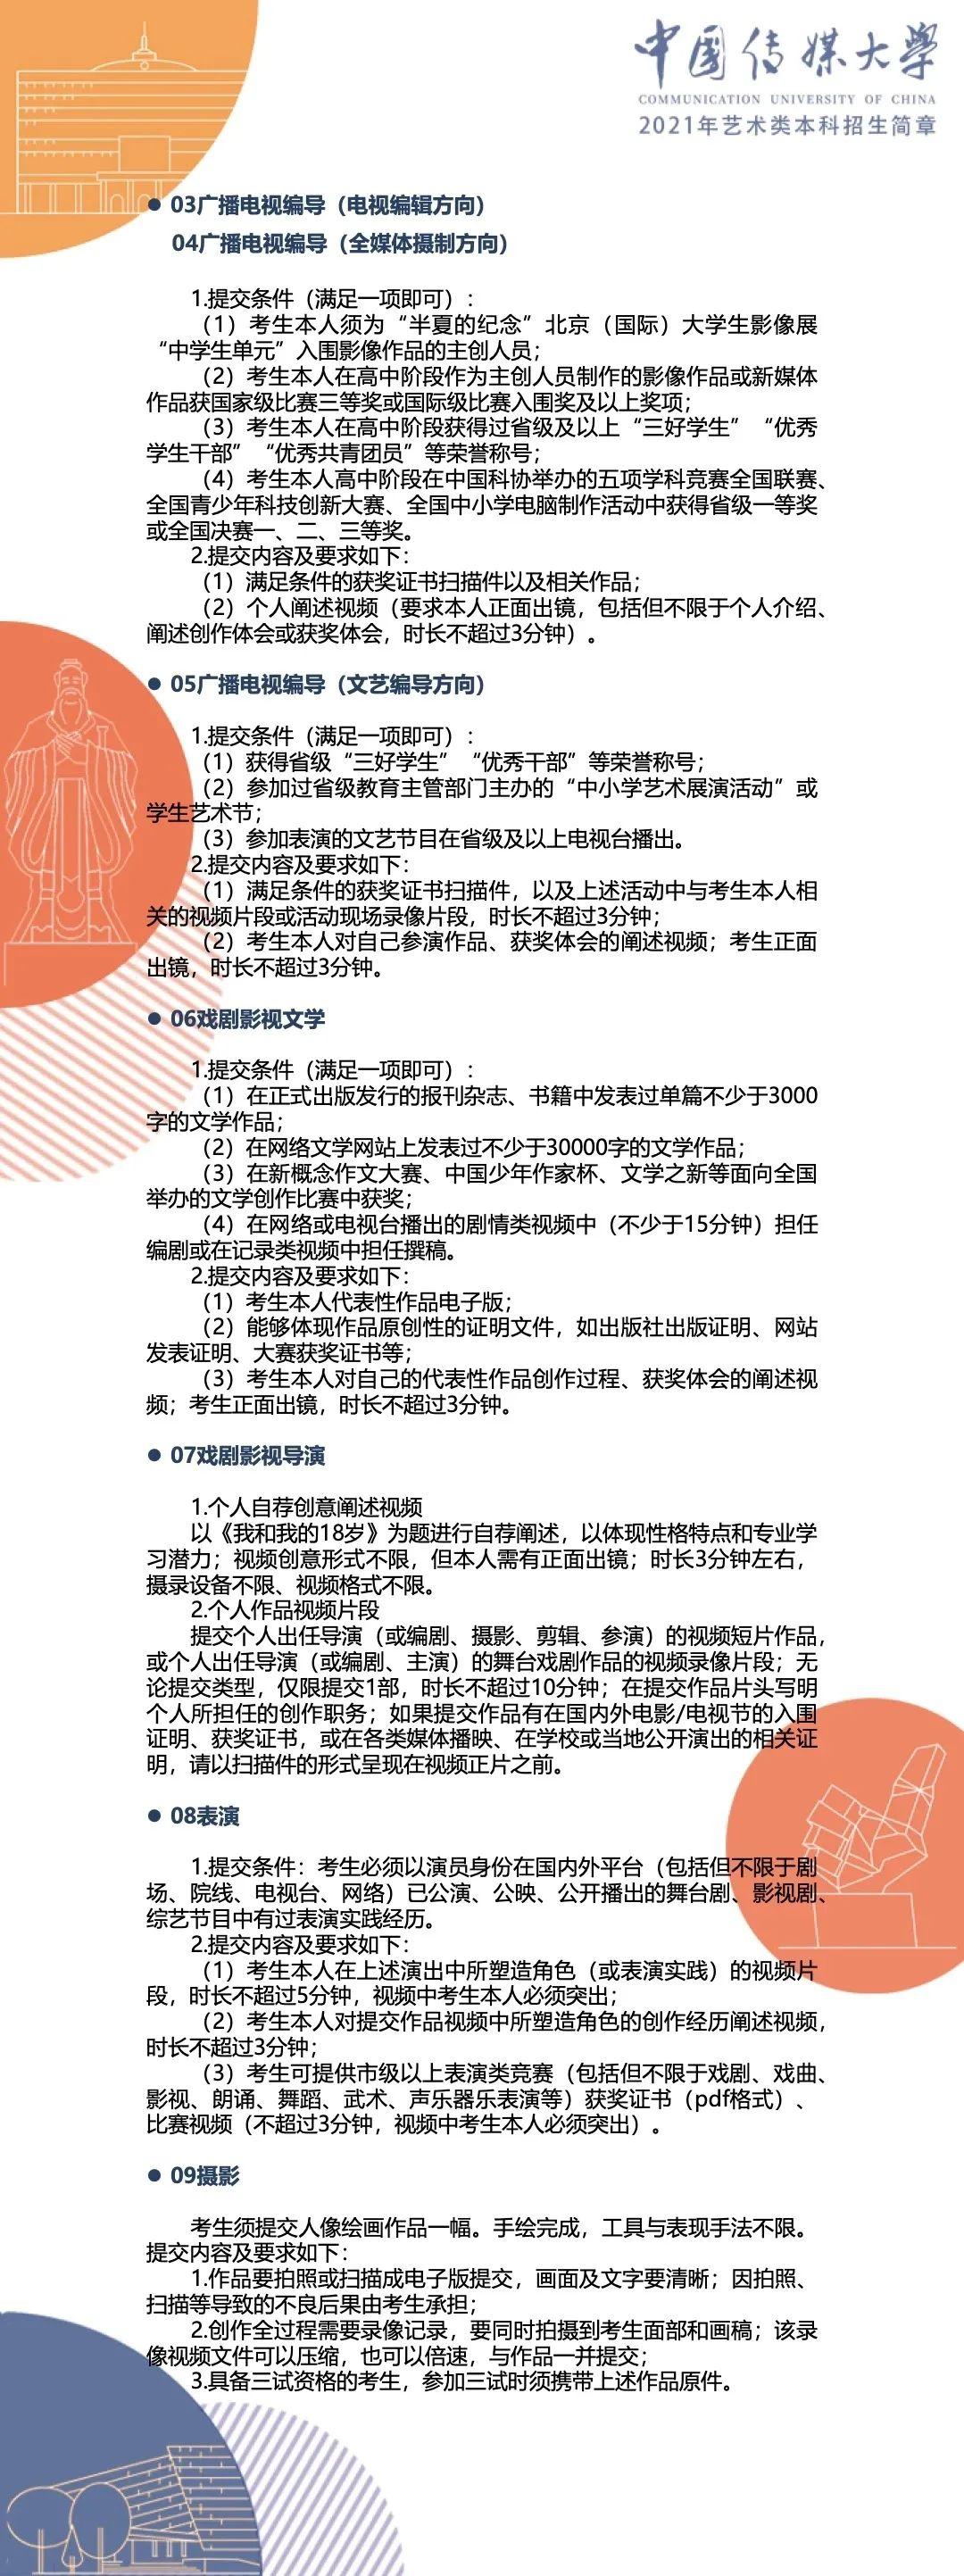 针对中传的画室 北京小班画室 北京画室排名